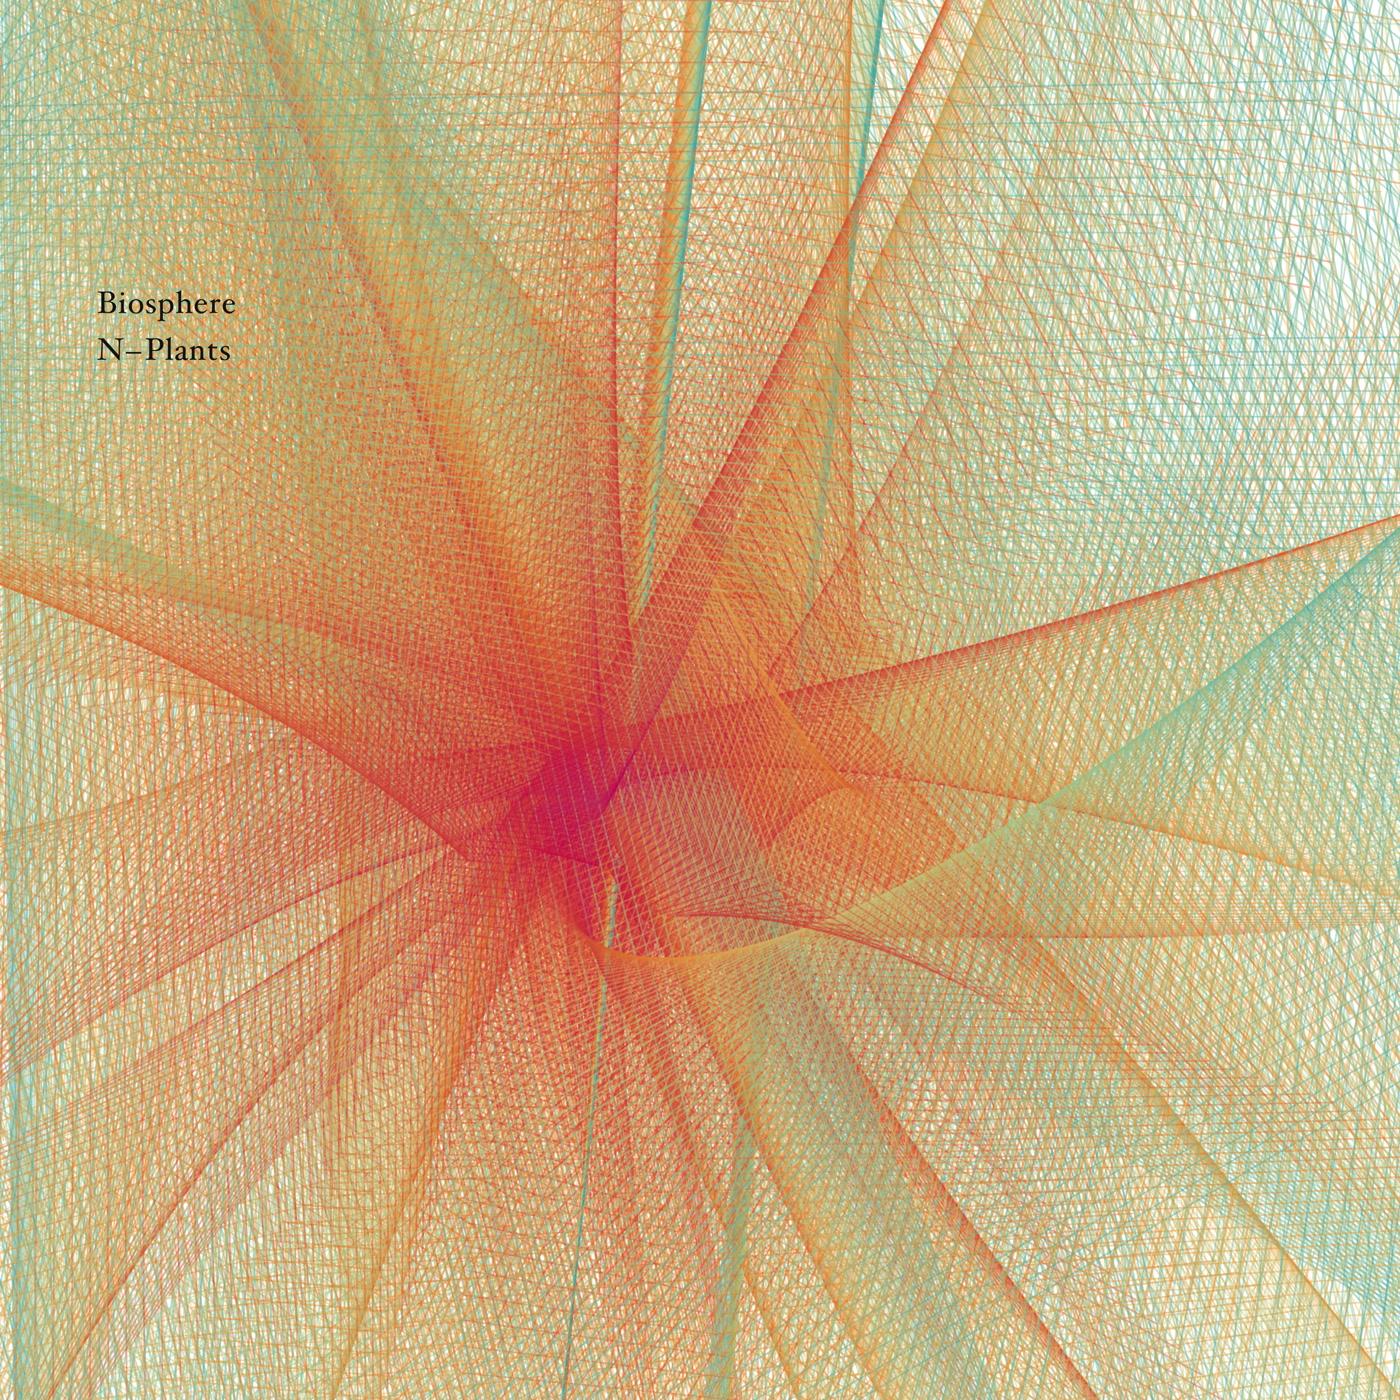 Biosphere – N-Plants (Biophon Records (Norway))